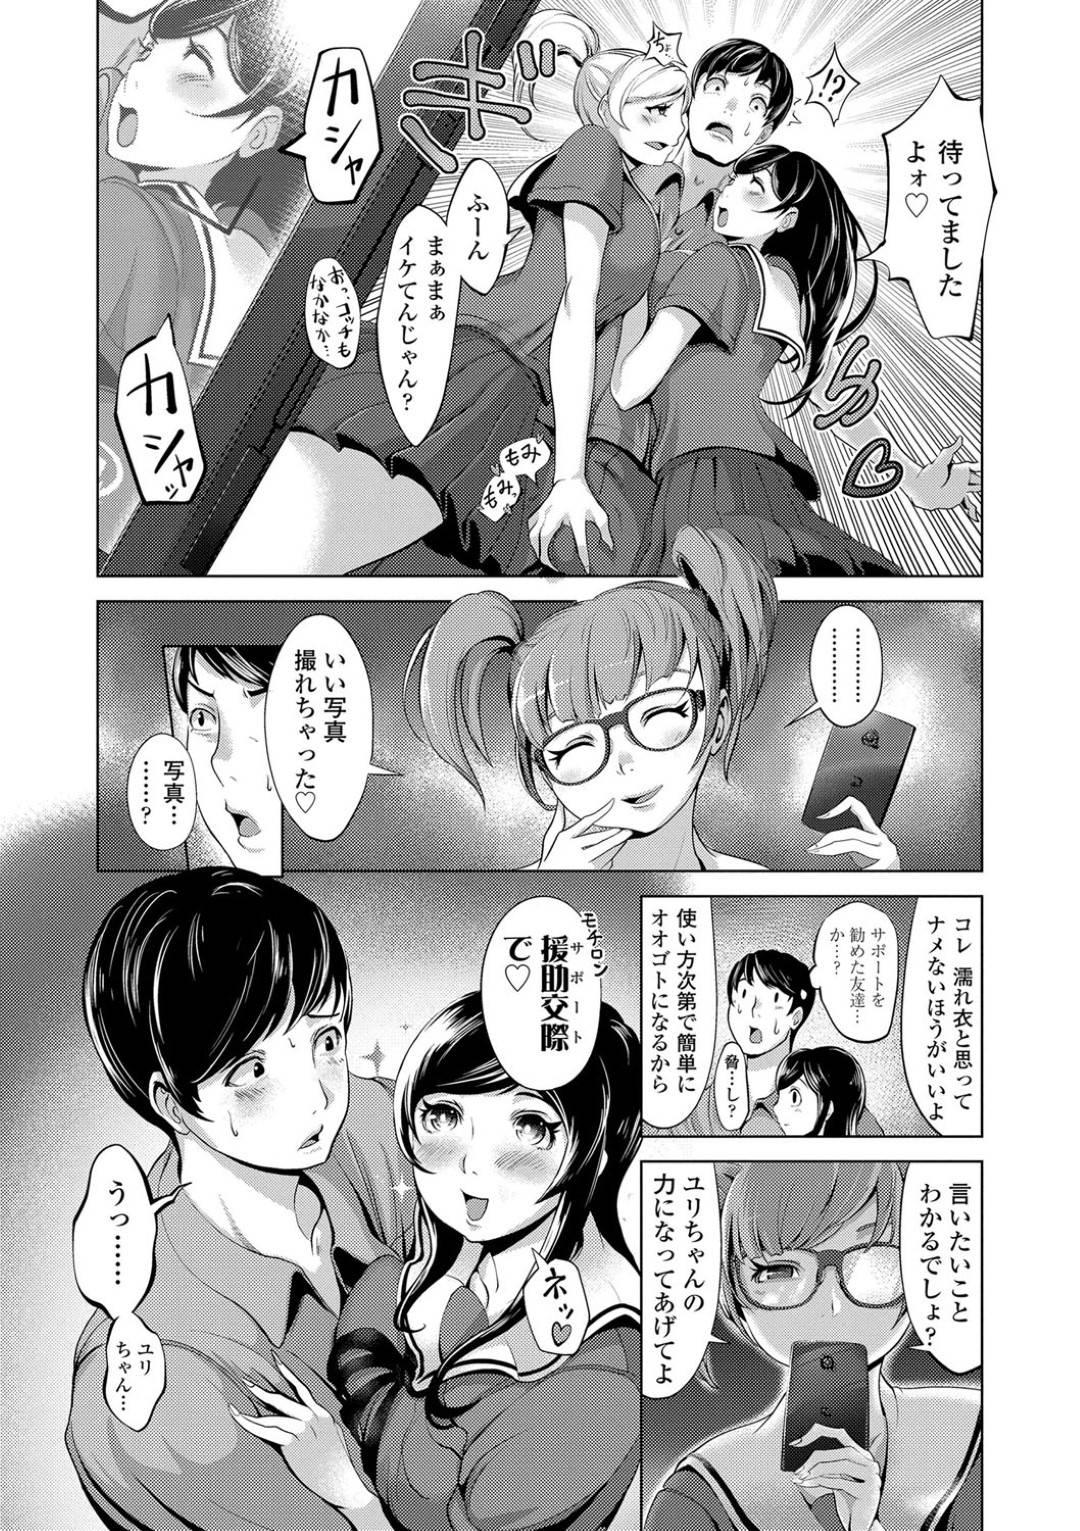 【エロ漫画】大学に行くお金を稼ぐために知り合いのお兄さんに援交してと頼むJKは、友達JK2人も連れてラブホでハーレム乱交セックス!